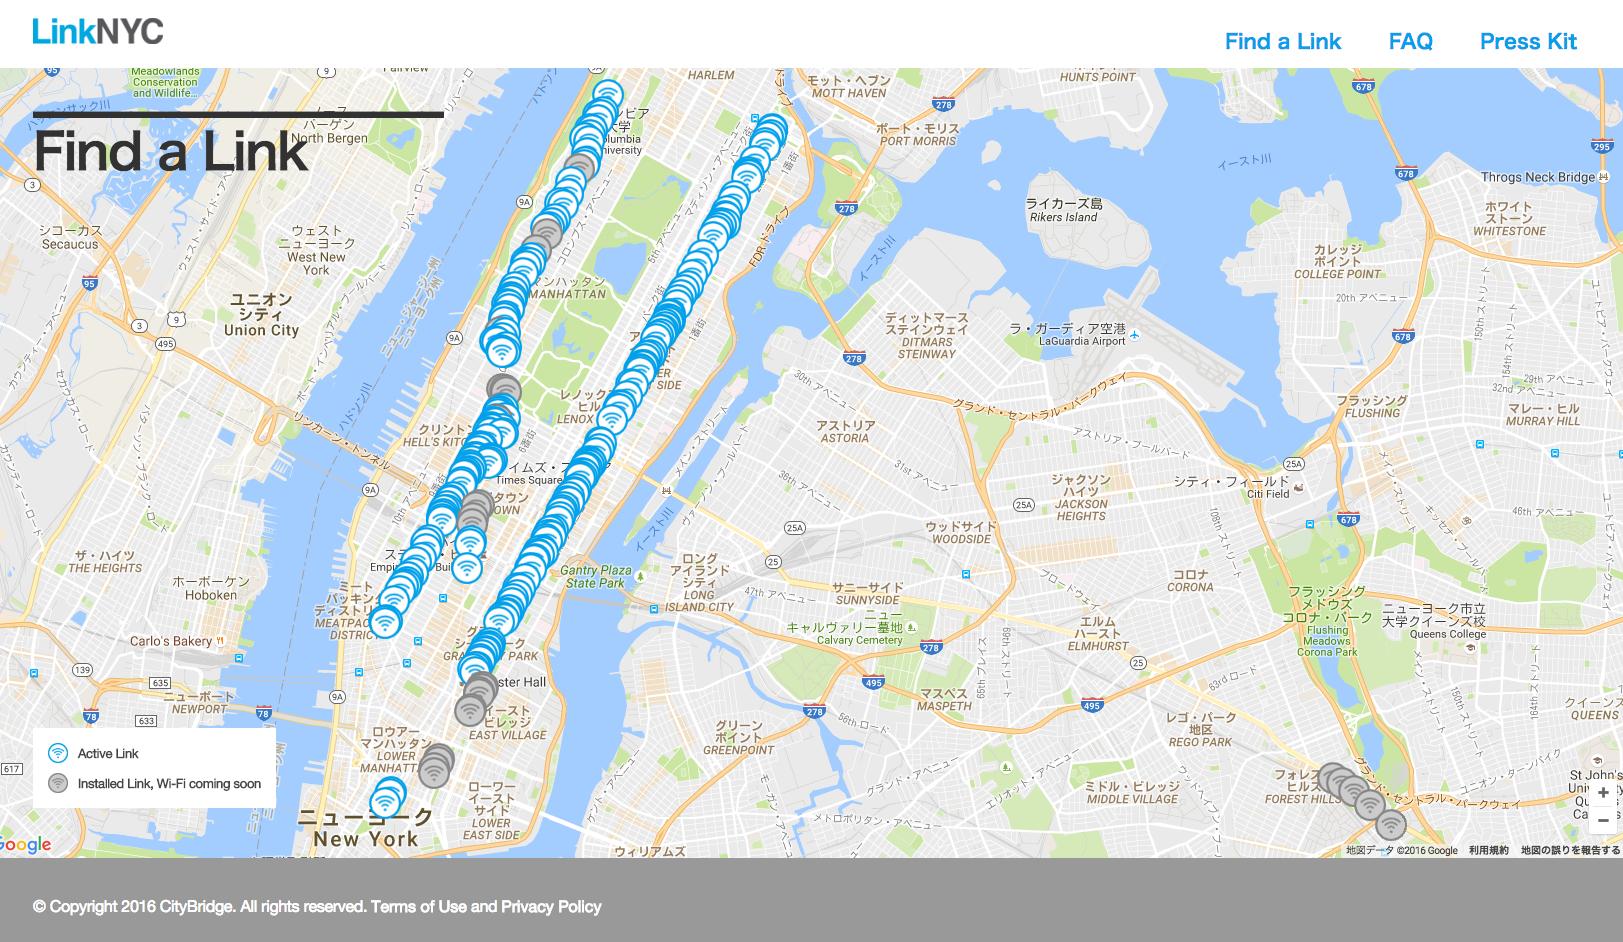 「LinkNYC」のサイト内では、キヨスクの場所がマッピングされている